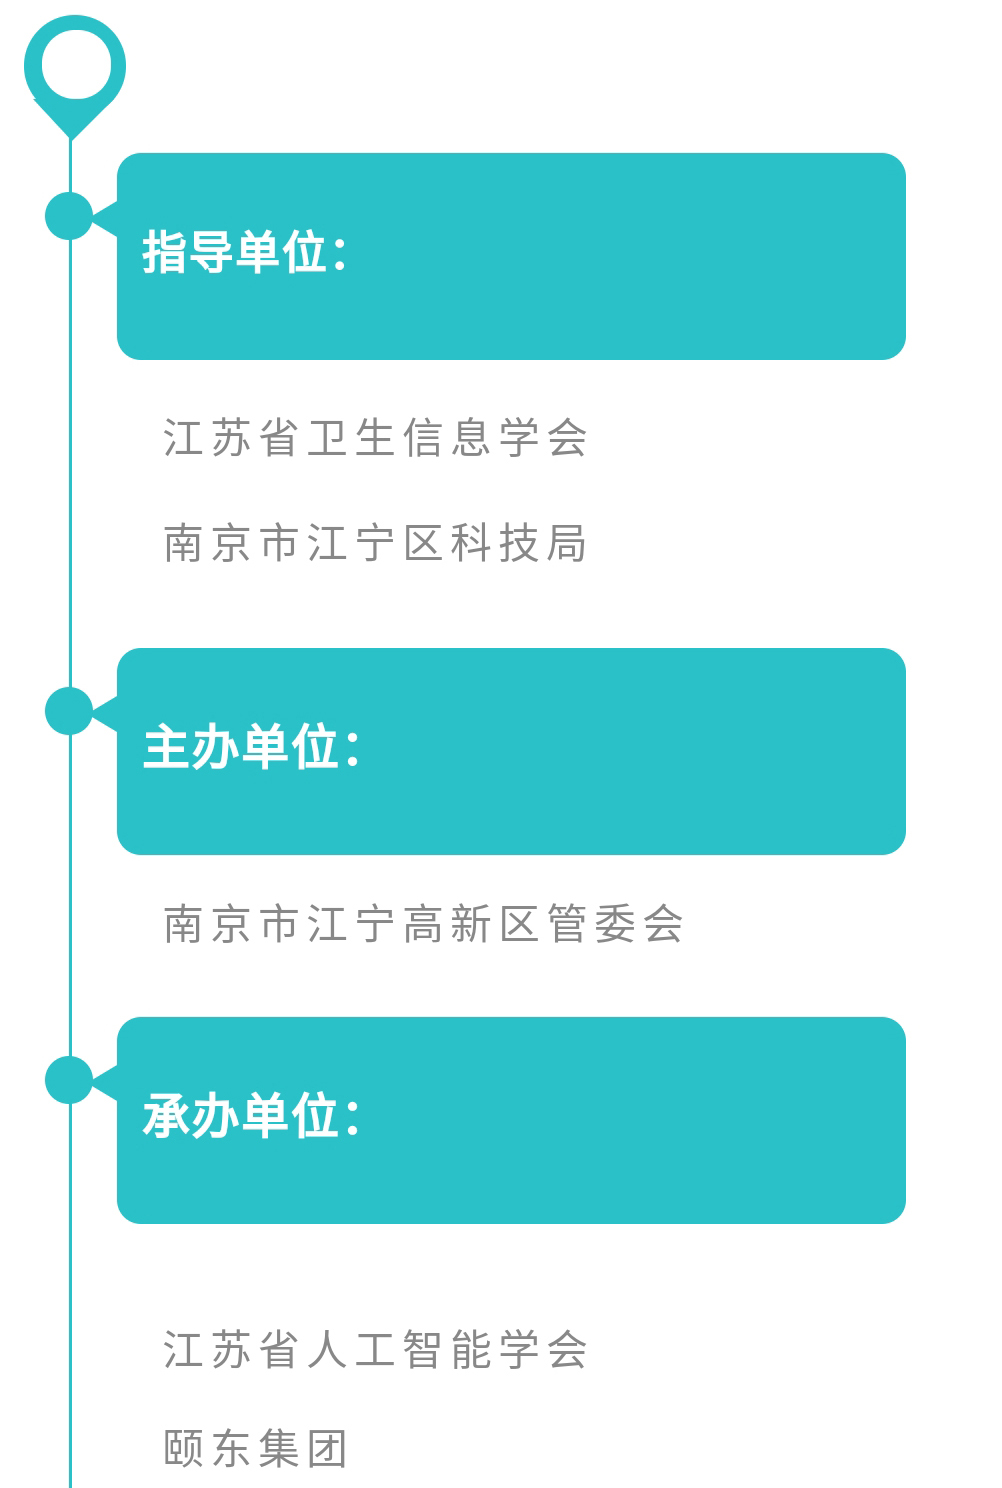 """2018江苏智慧医疗高峰论坛暨""""颐东杯""""智慧医疗创新大赛"""